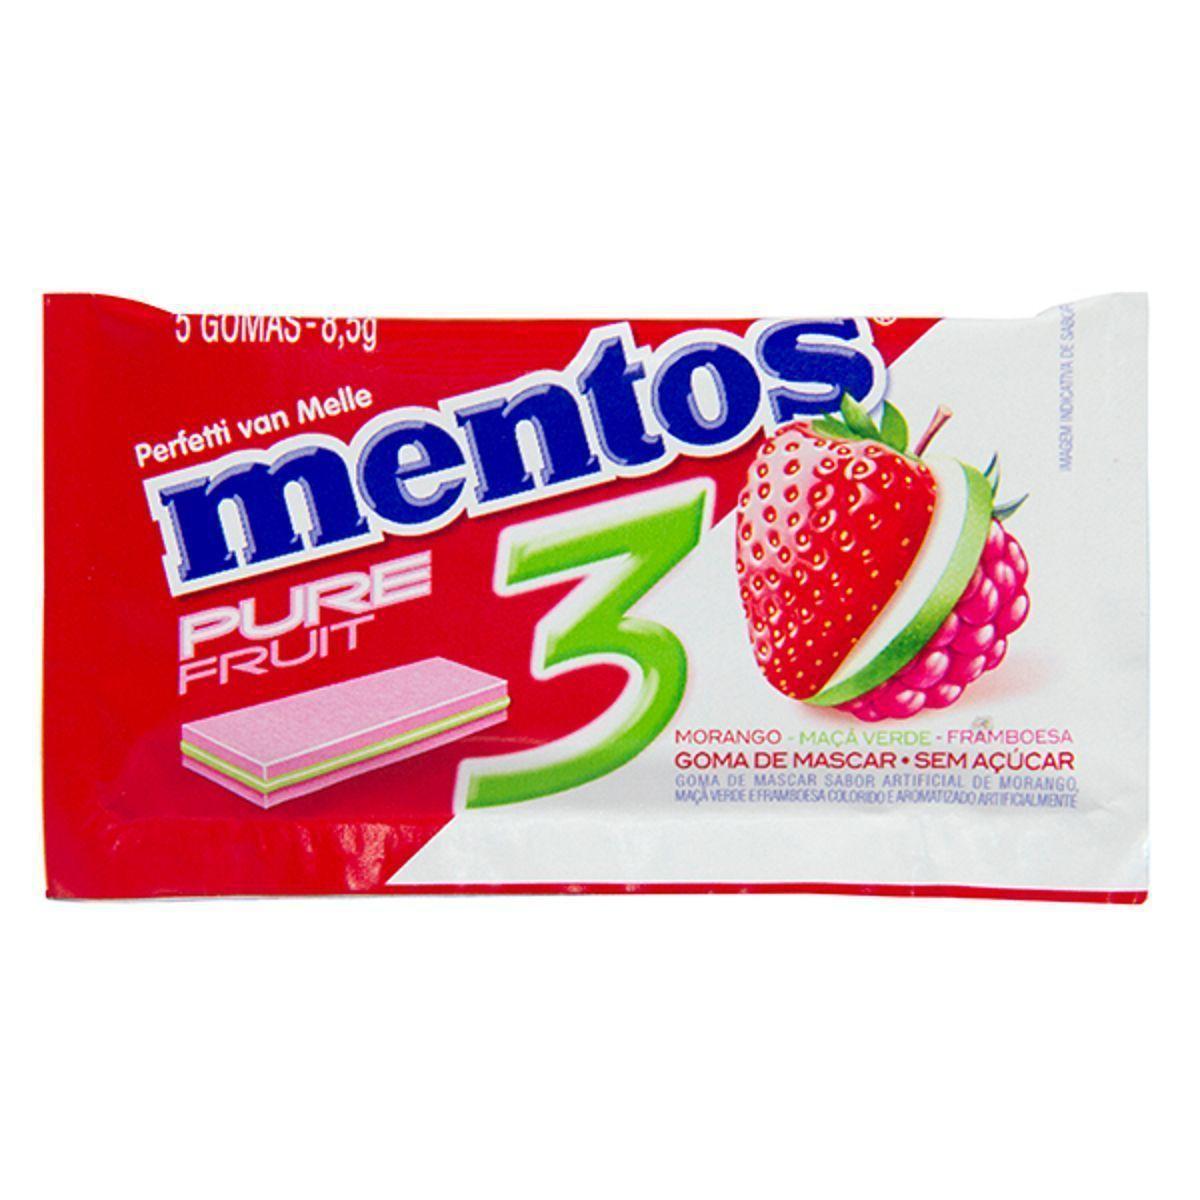 MENTOS PURE FRUIT 3L MORANGO /MAÇA/ FRAMBOESA